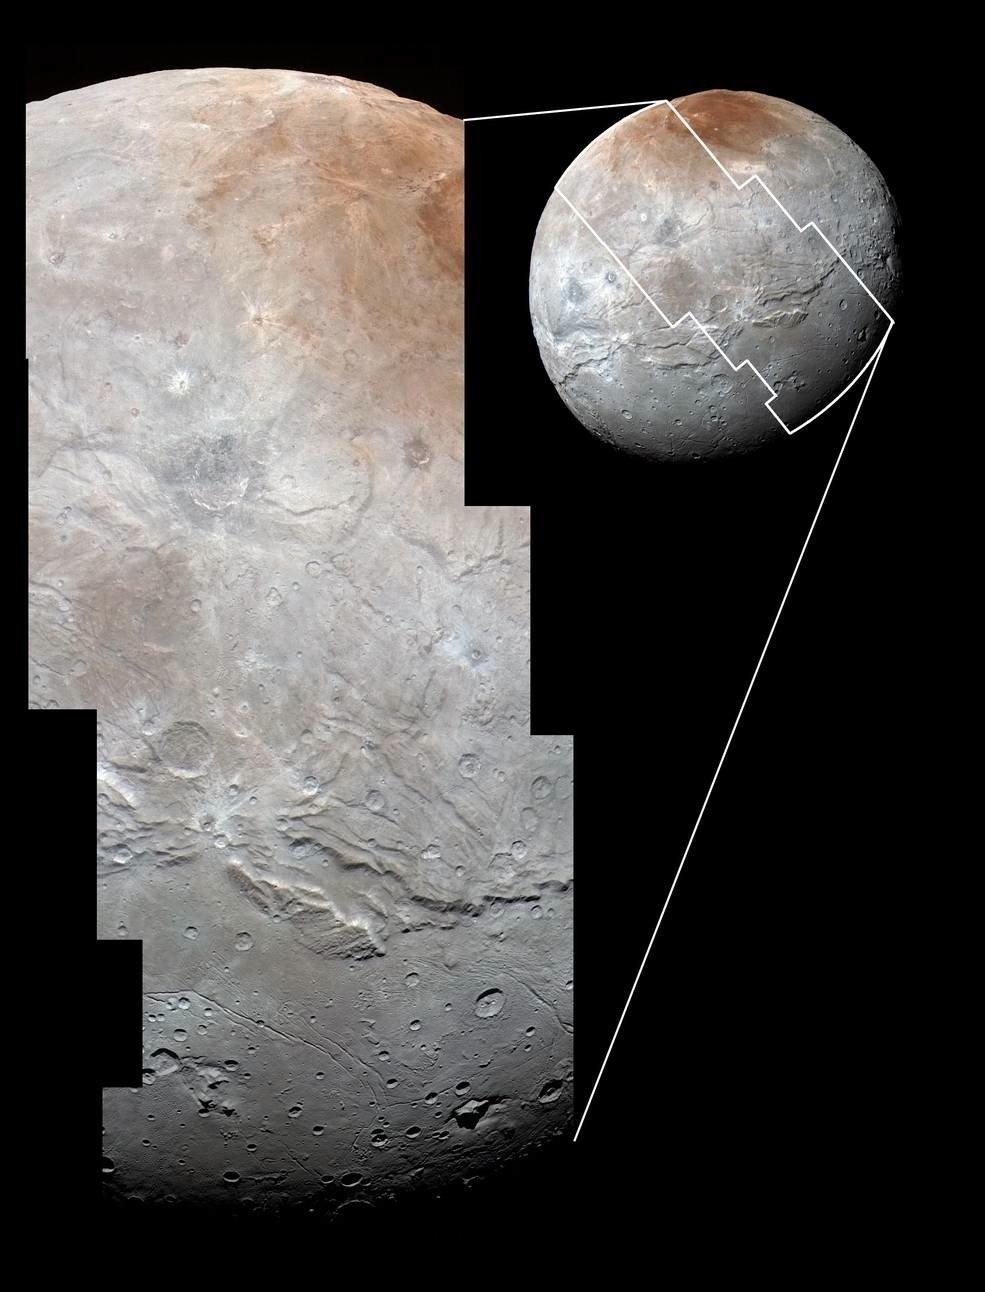 Einmal quer über die Oberfläche zieht sich der Ausschnitt des Bildes, welches die Raumsonde am 14. Juli 2015 von Charon aufgenommen hat.